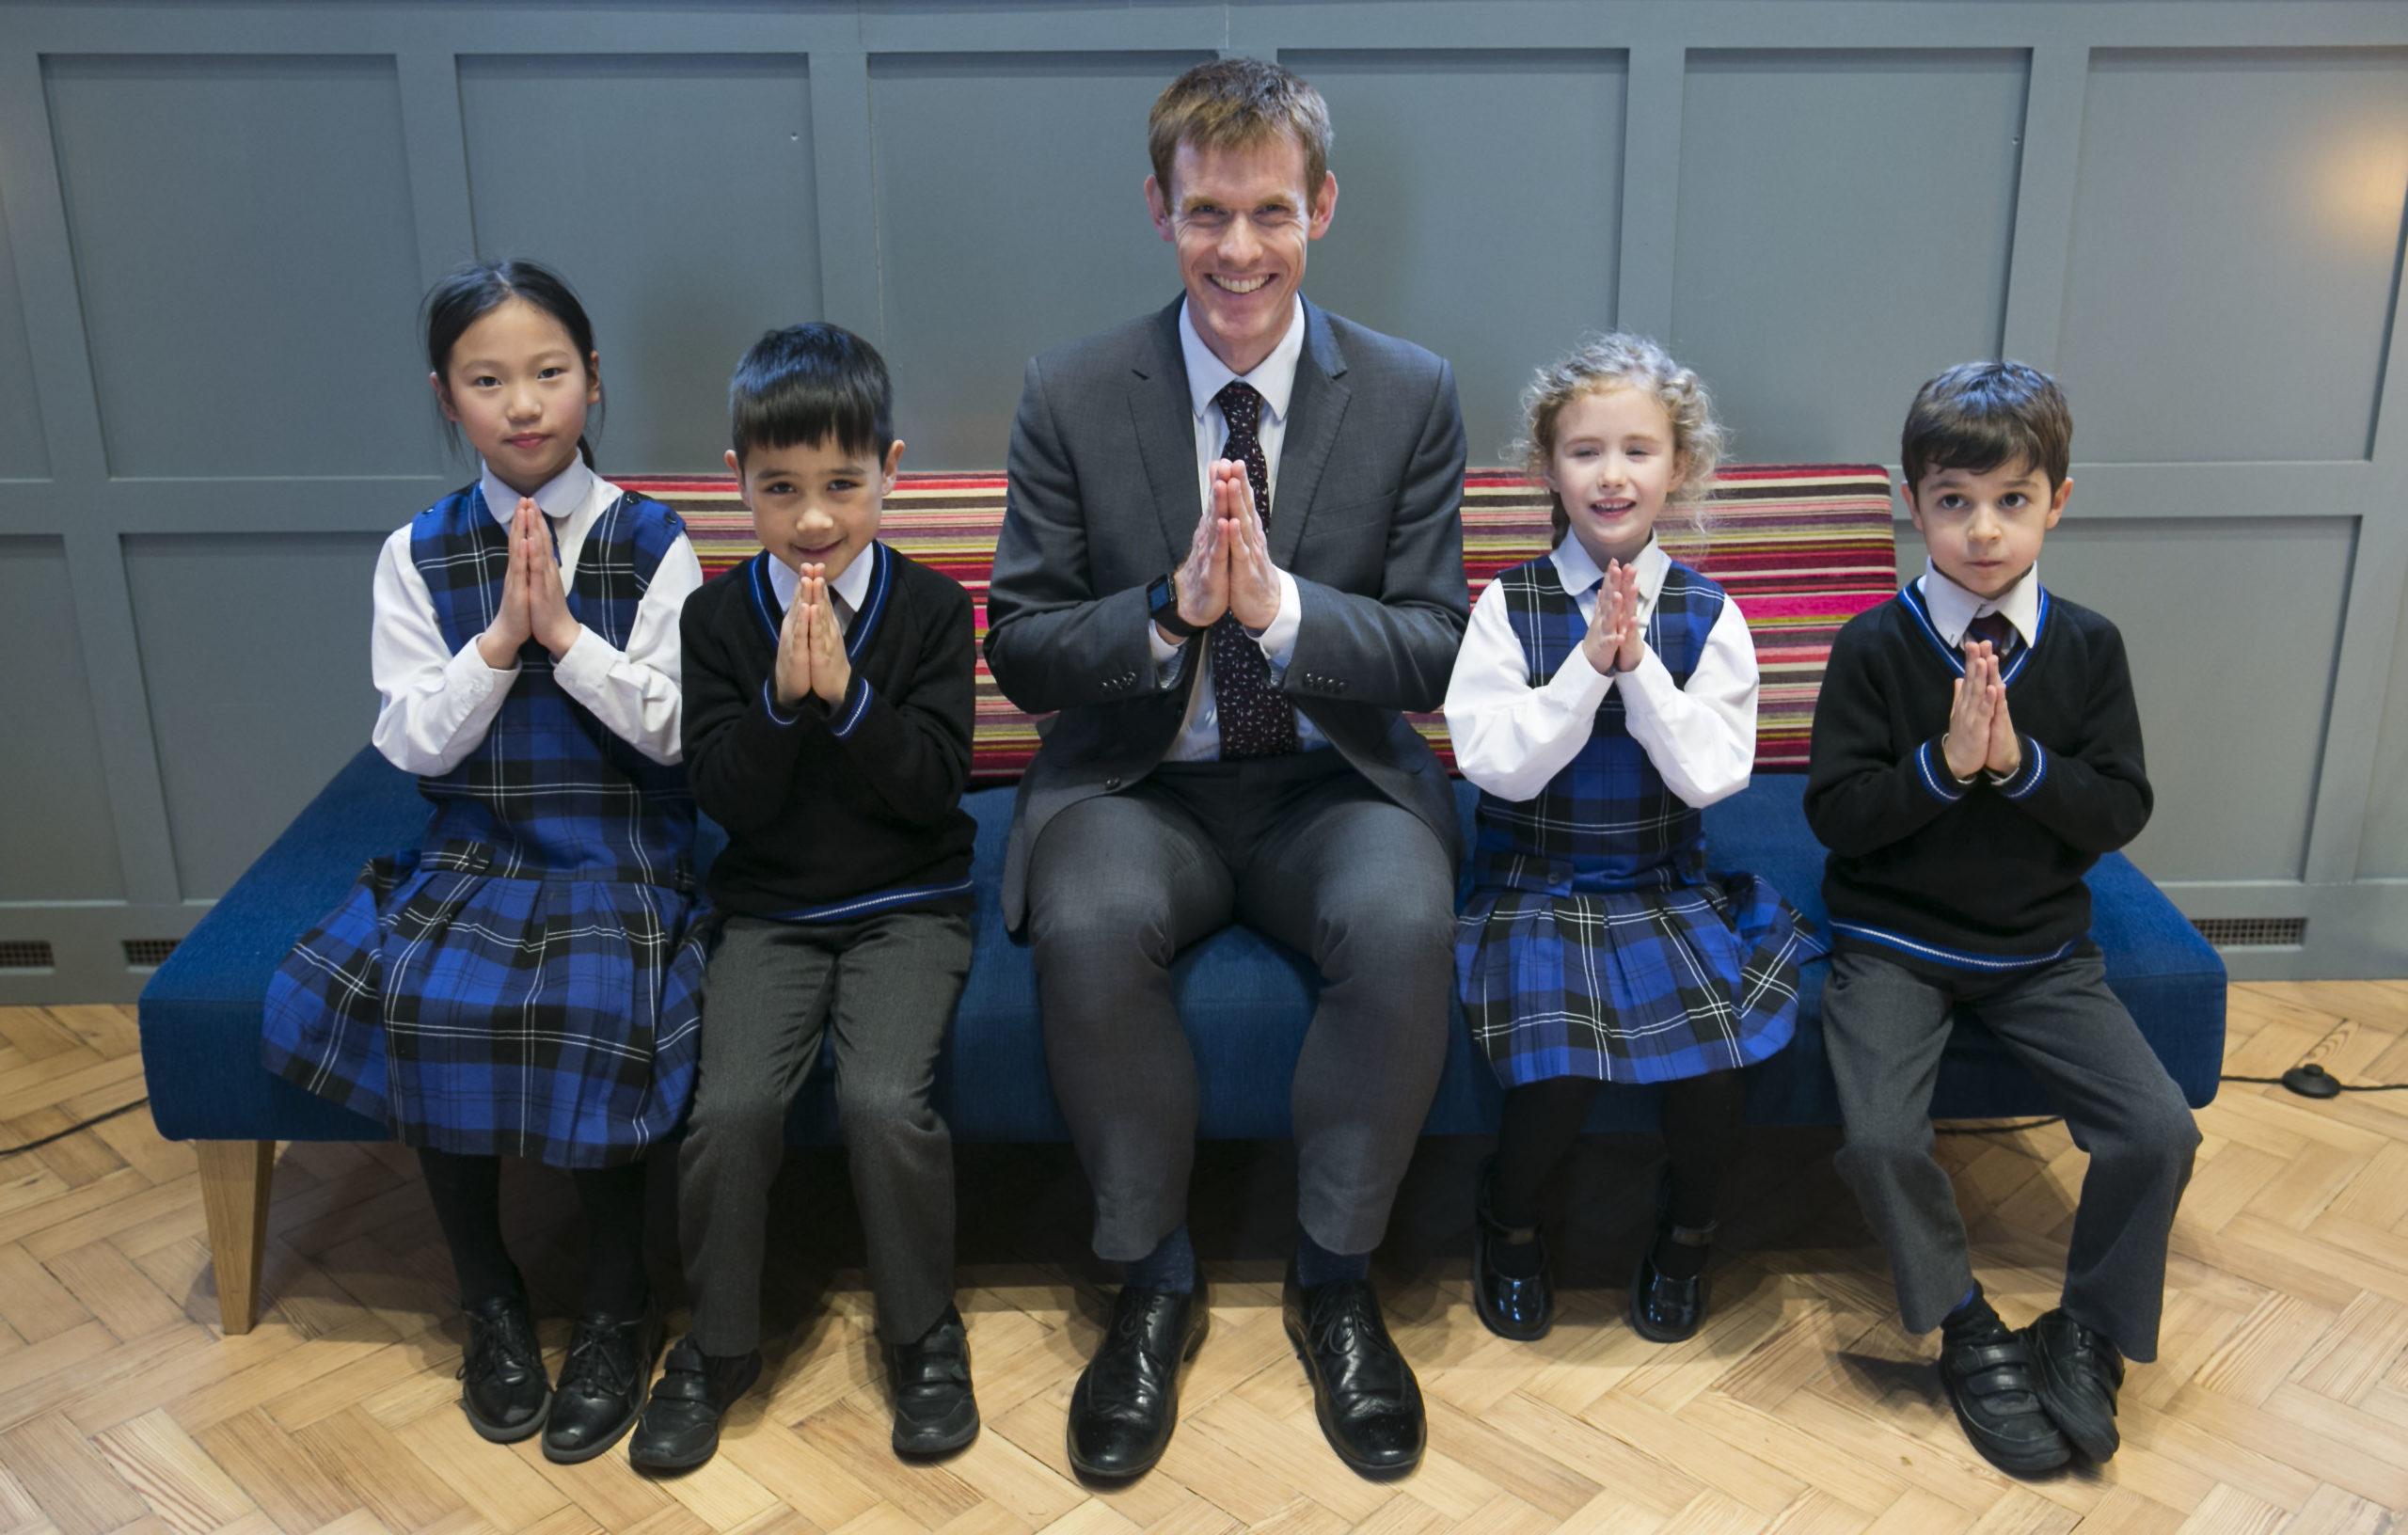 จอห์น วีคส์กับนักเรียน Brighton